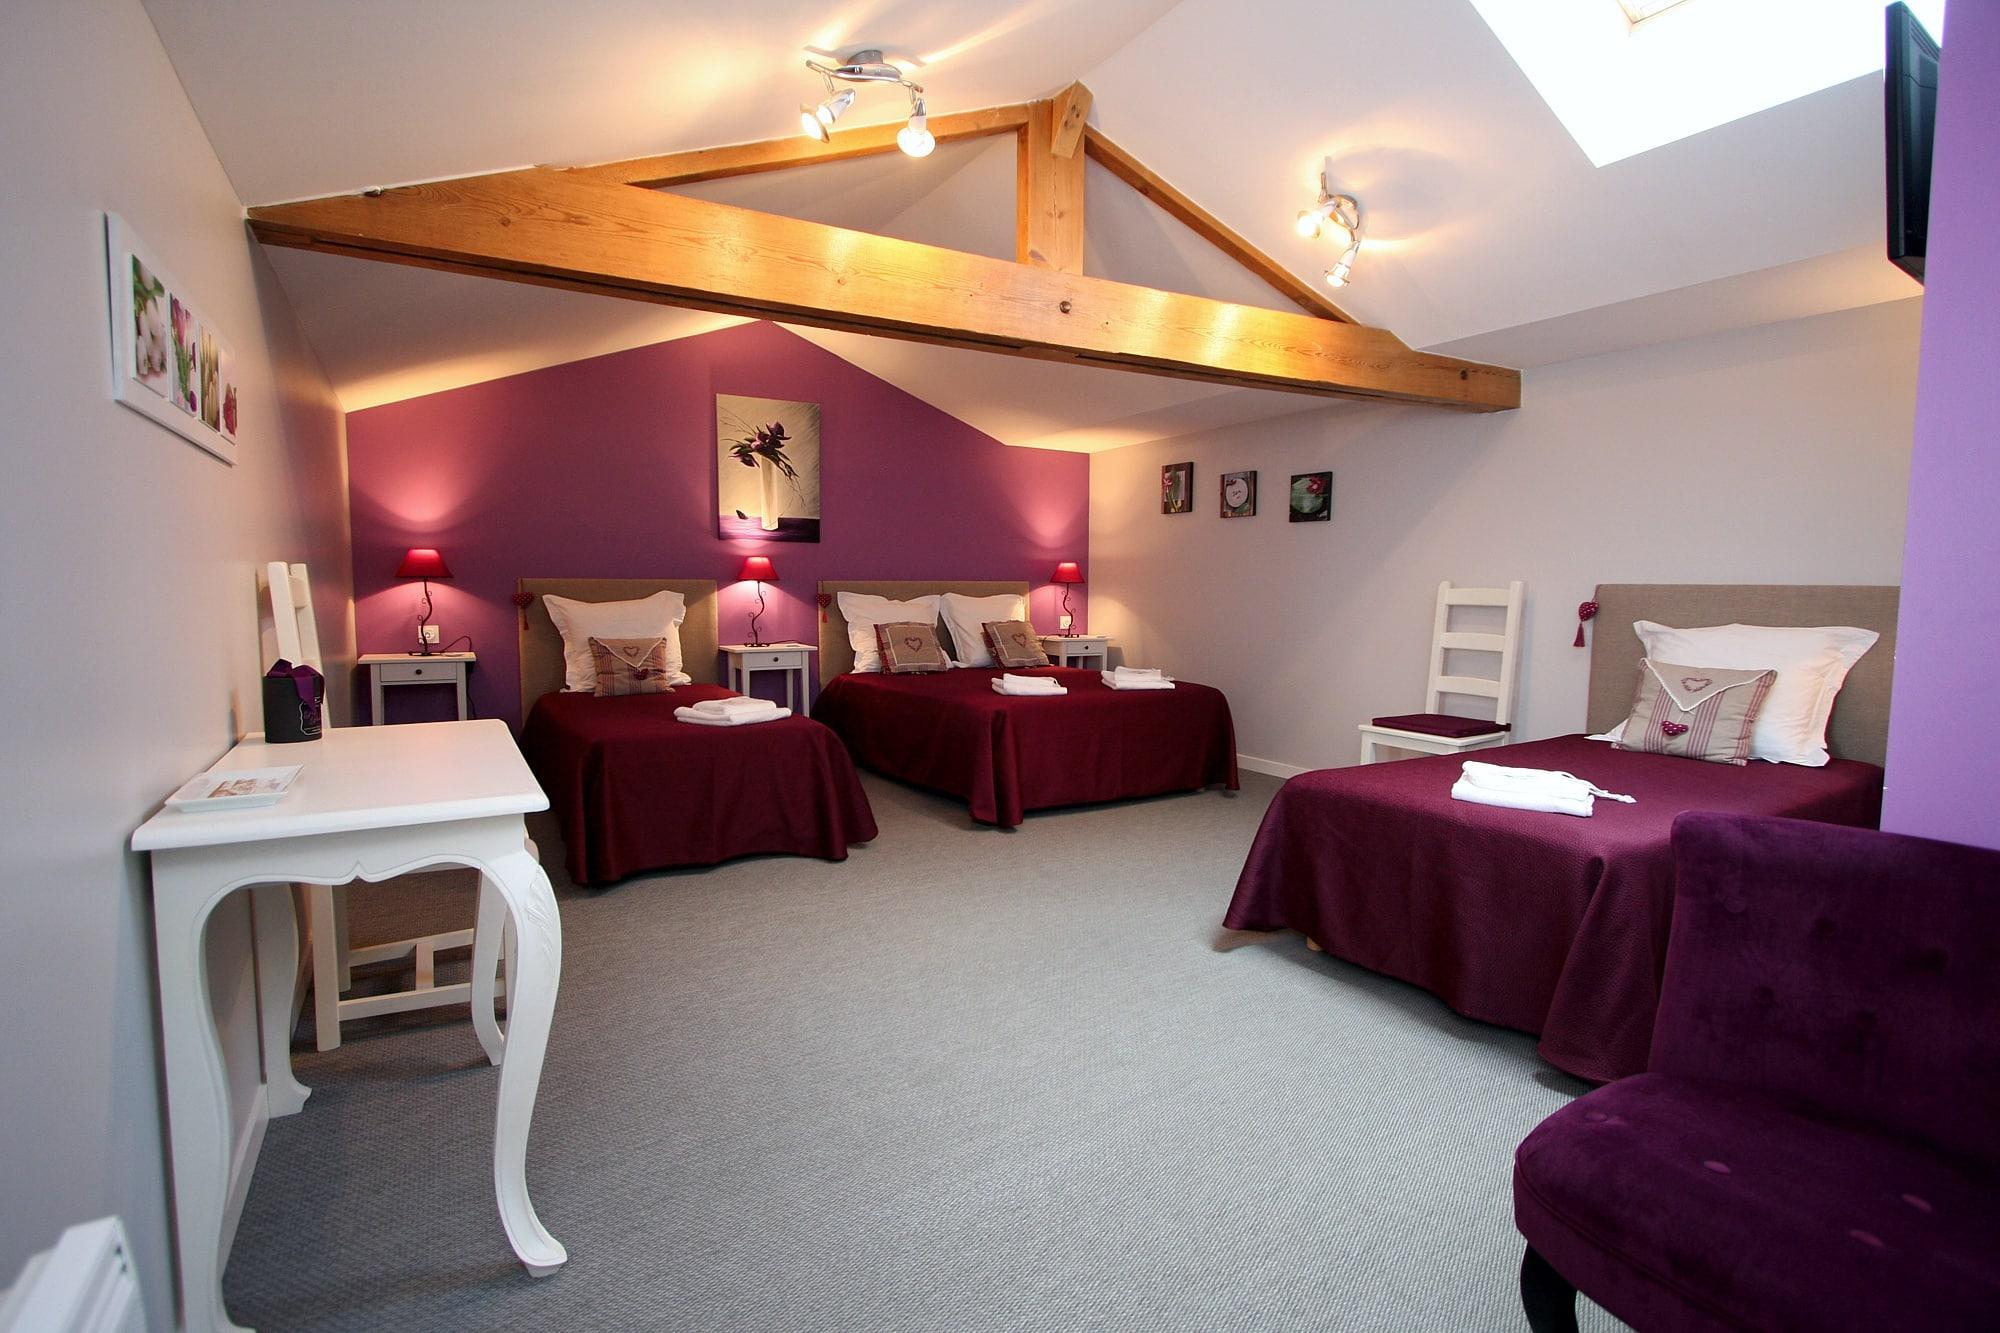 Chambres d'hotes de charme en Vendée